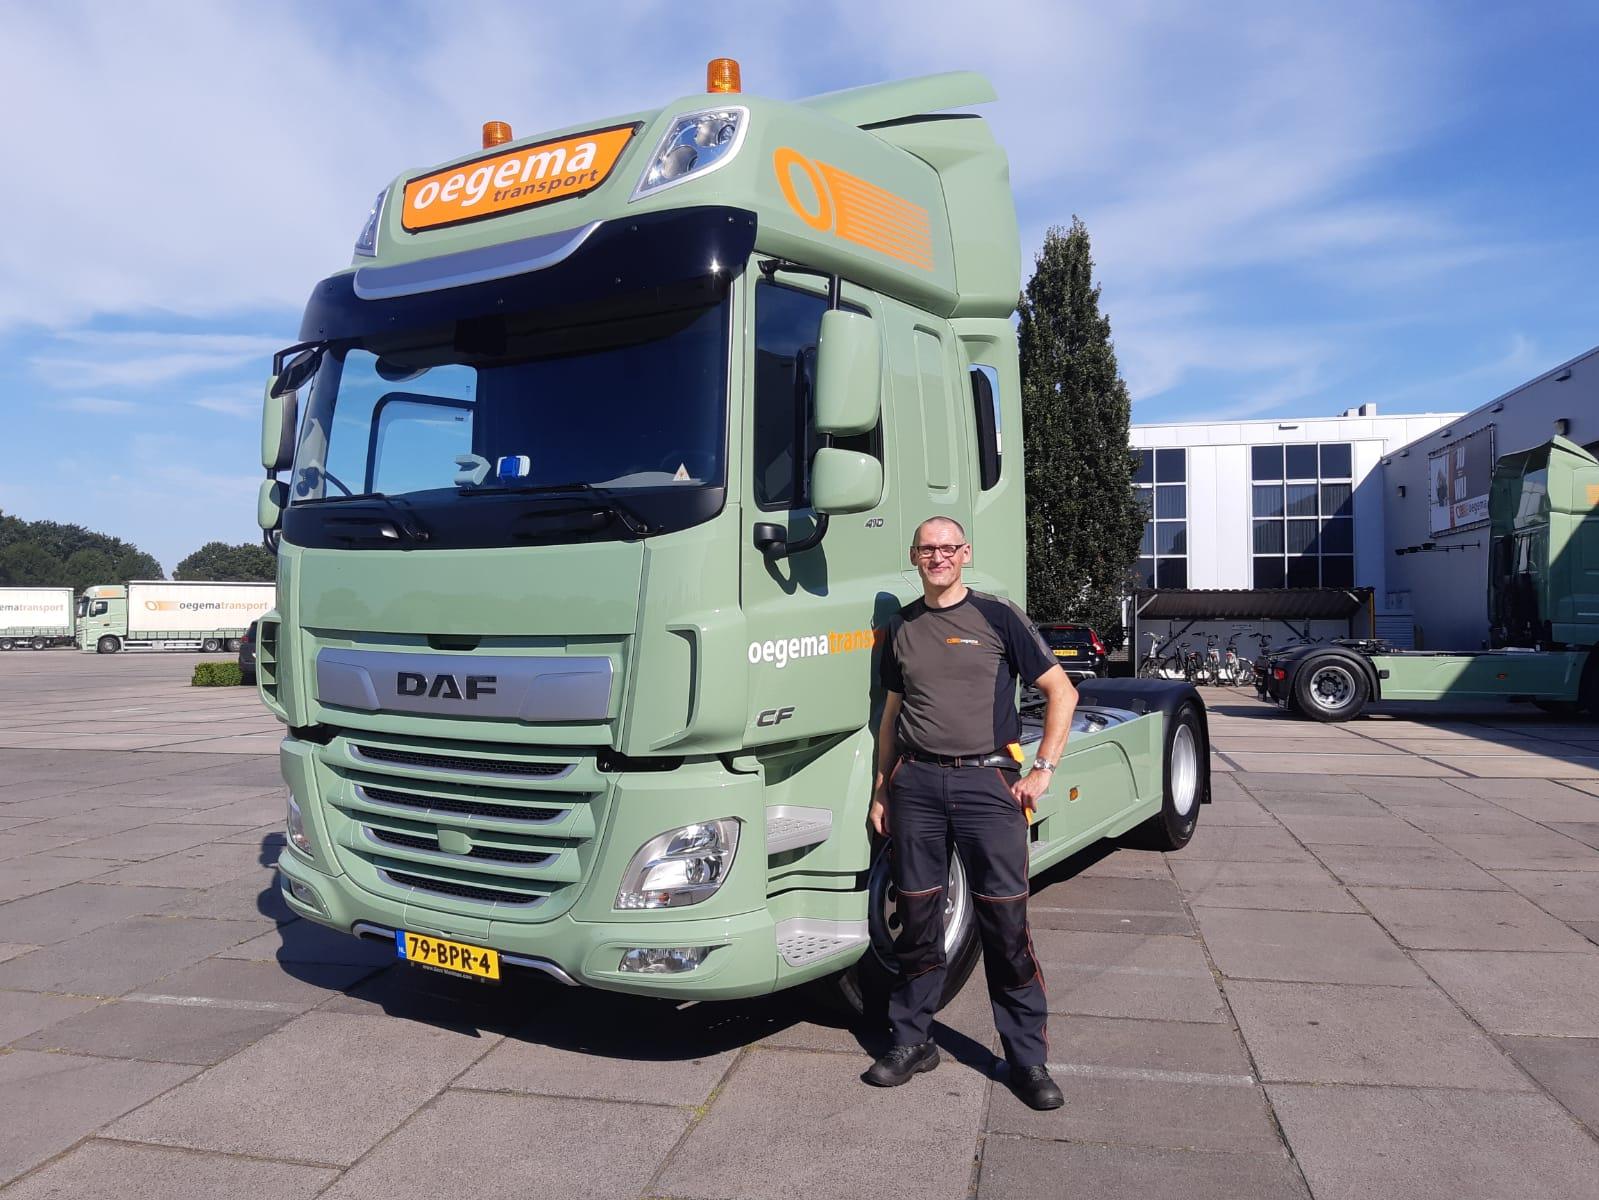 Arjan-Sliekers-trapt-af-met-het-in-ontvangst-nemen-van-de-1e-nieuwe-truck-voor-P26-6-8-2020